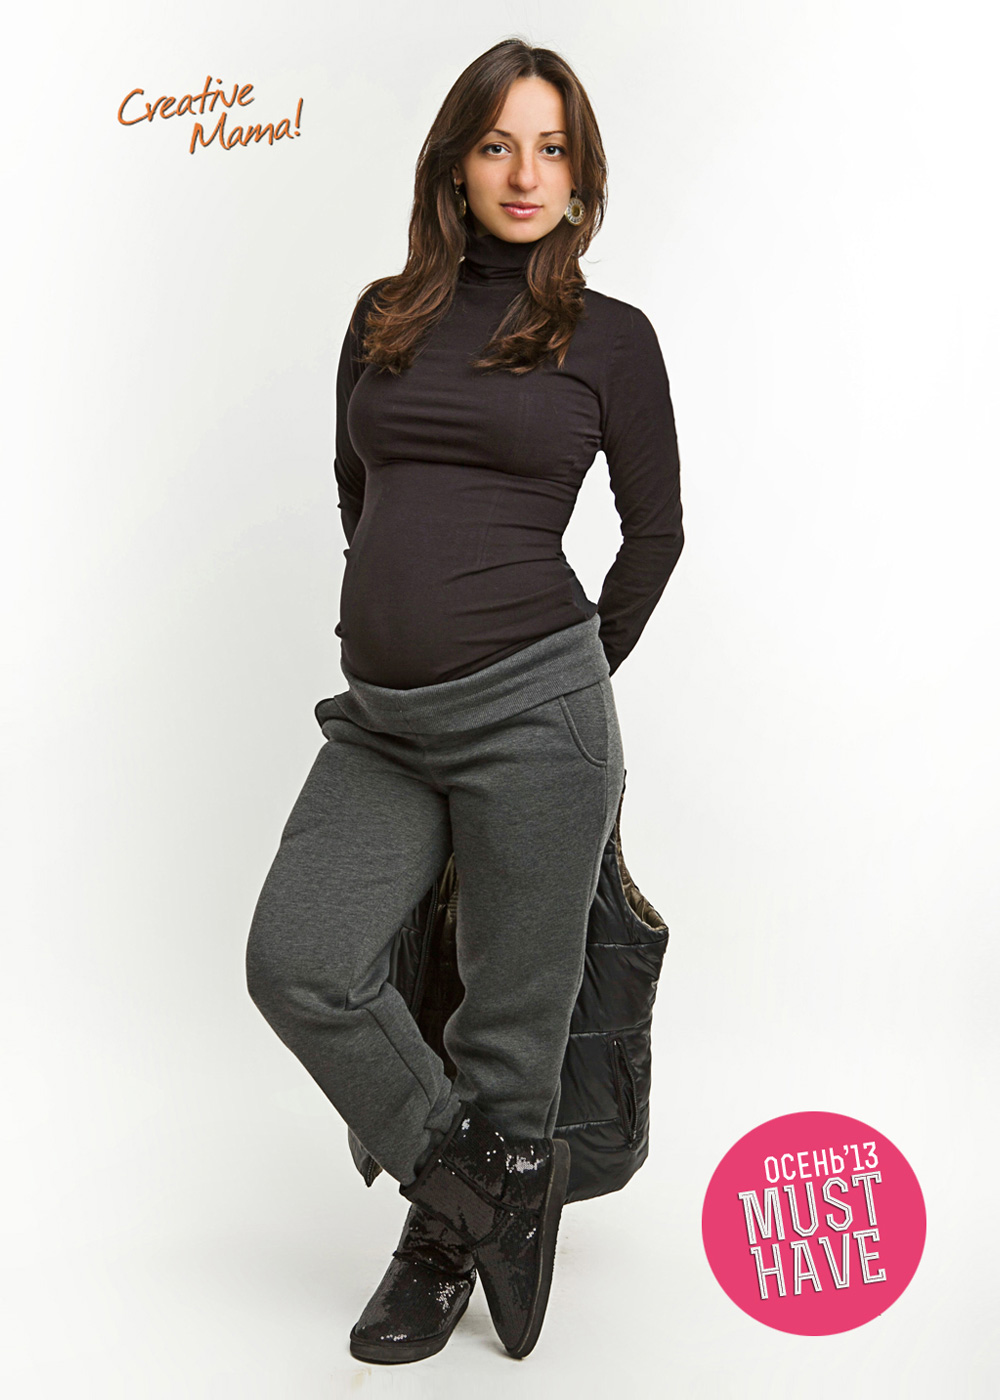 Зимние тёплые штаны для будущих мам Premium (хлопок) - фото 56f67f809a804